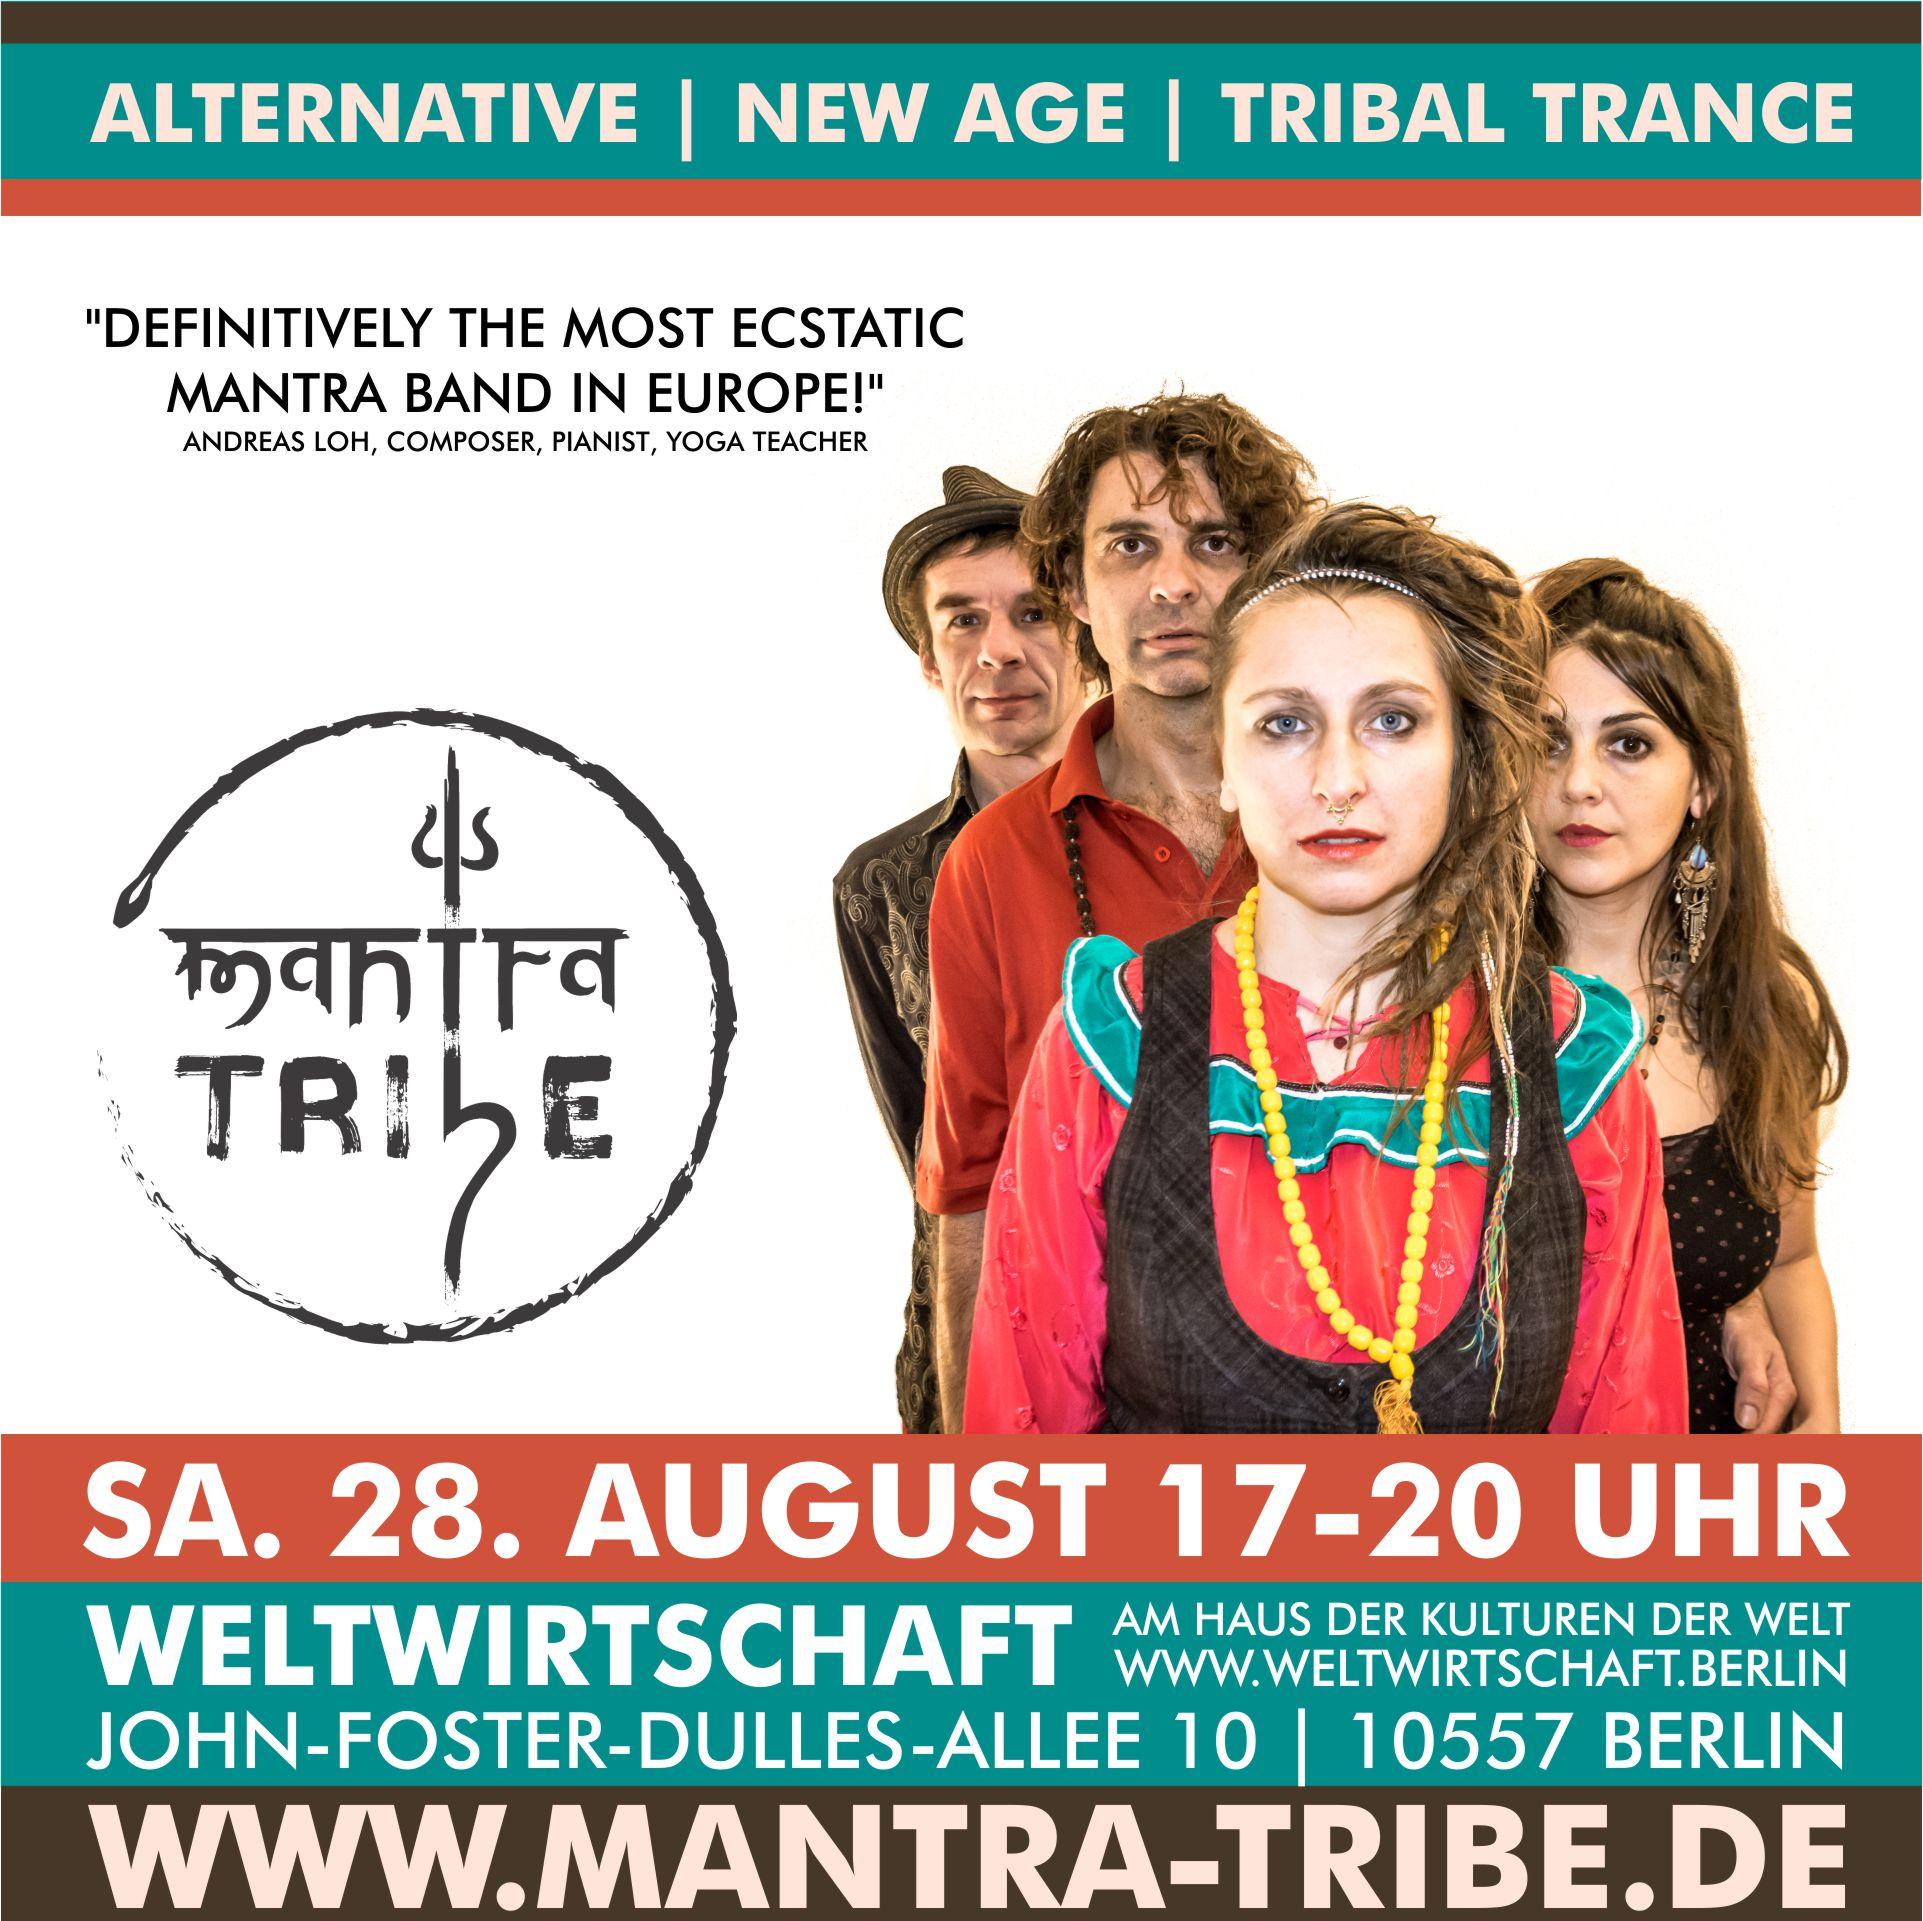 Open-Air Concert in Berlin on 28.08.21